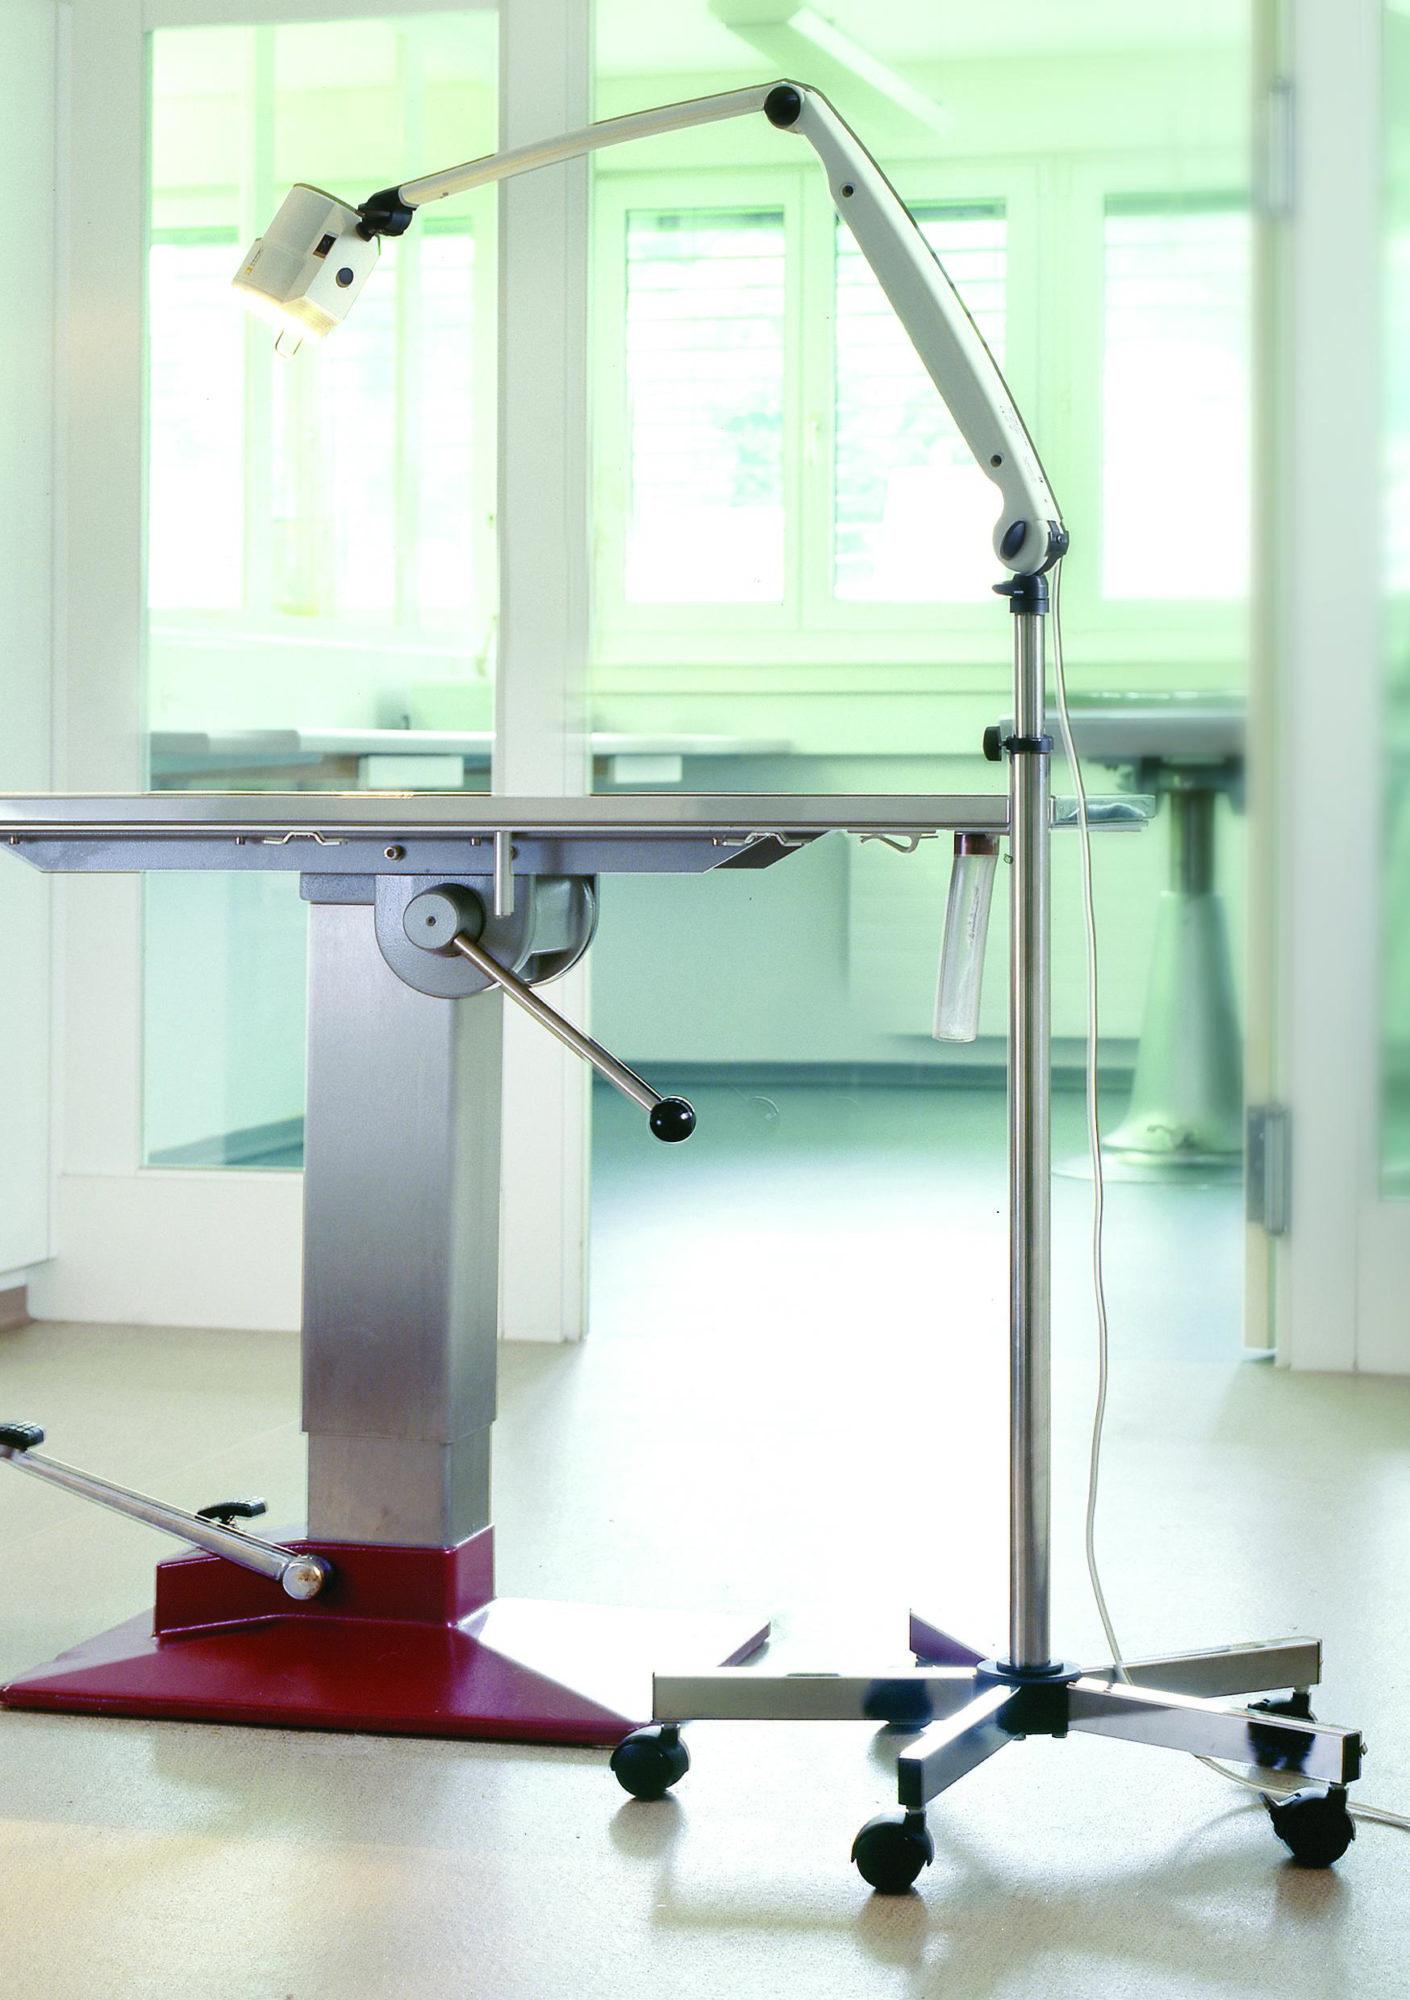 Ein Behandlungsraum mit höhenverstellbarer, mobiler Untersuchungsliege und einer bewegbaren Leuchte.